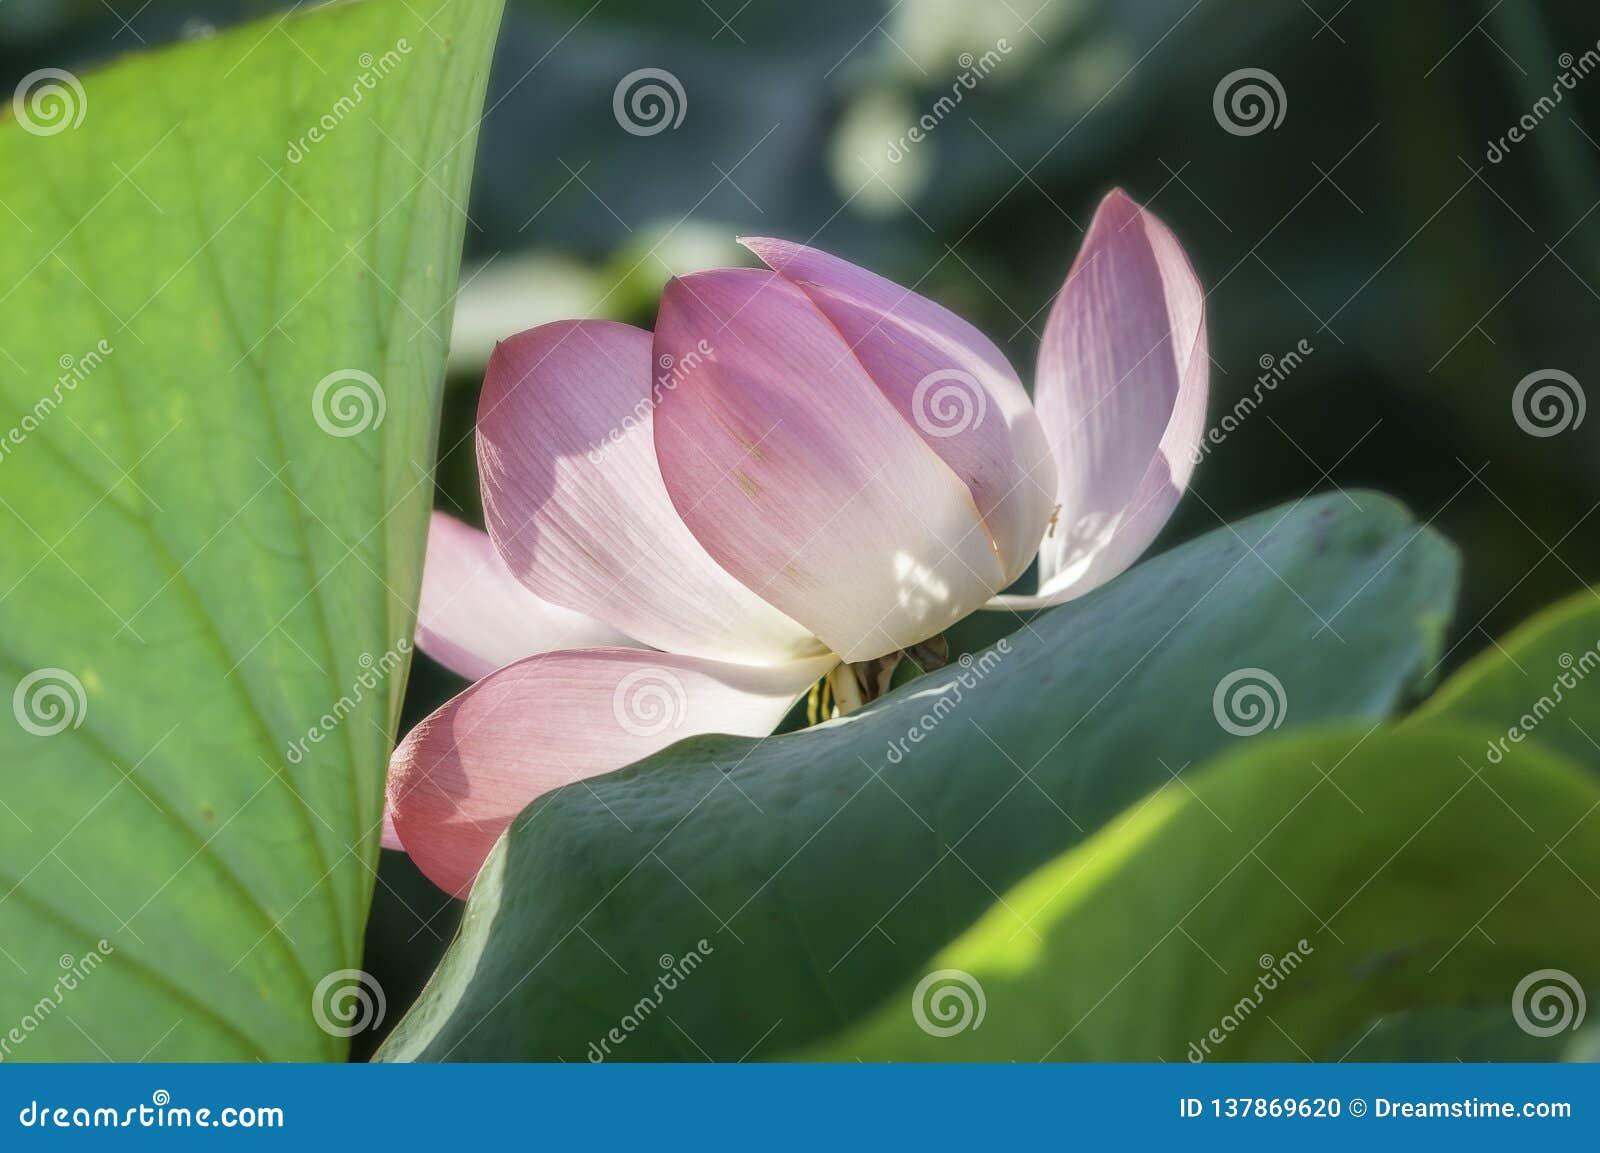 Flor rosada, loto, agua, lirio de agua, valle de lotos, estuario